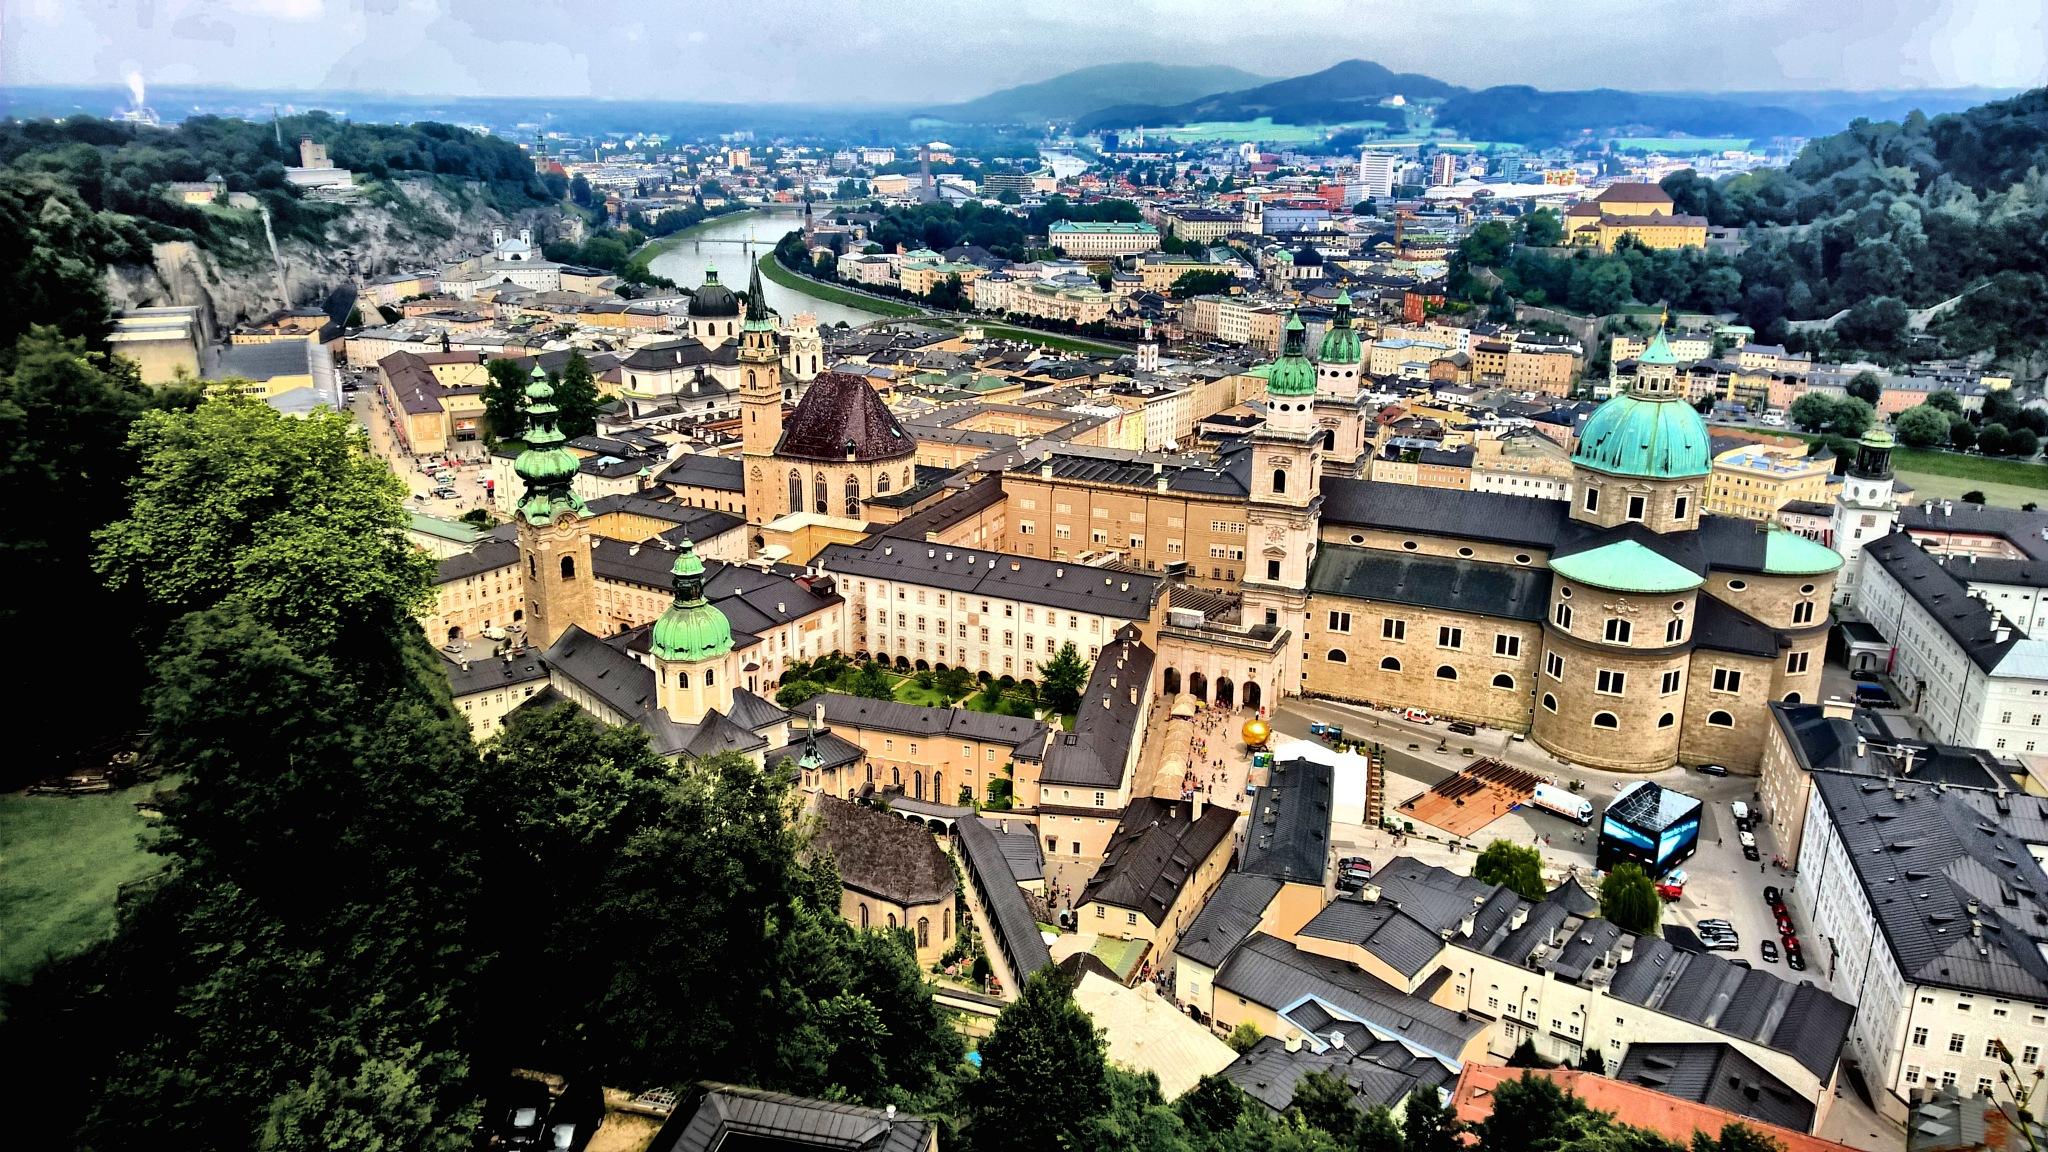 Salzburg Austria by Krister Honkonen